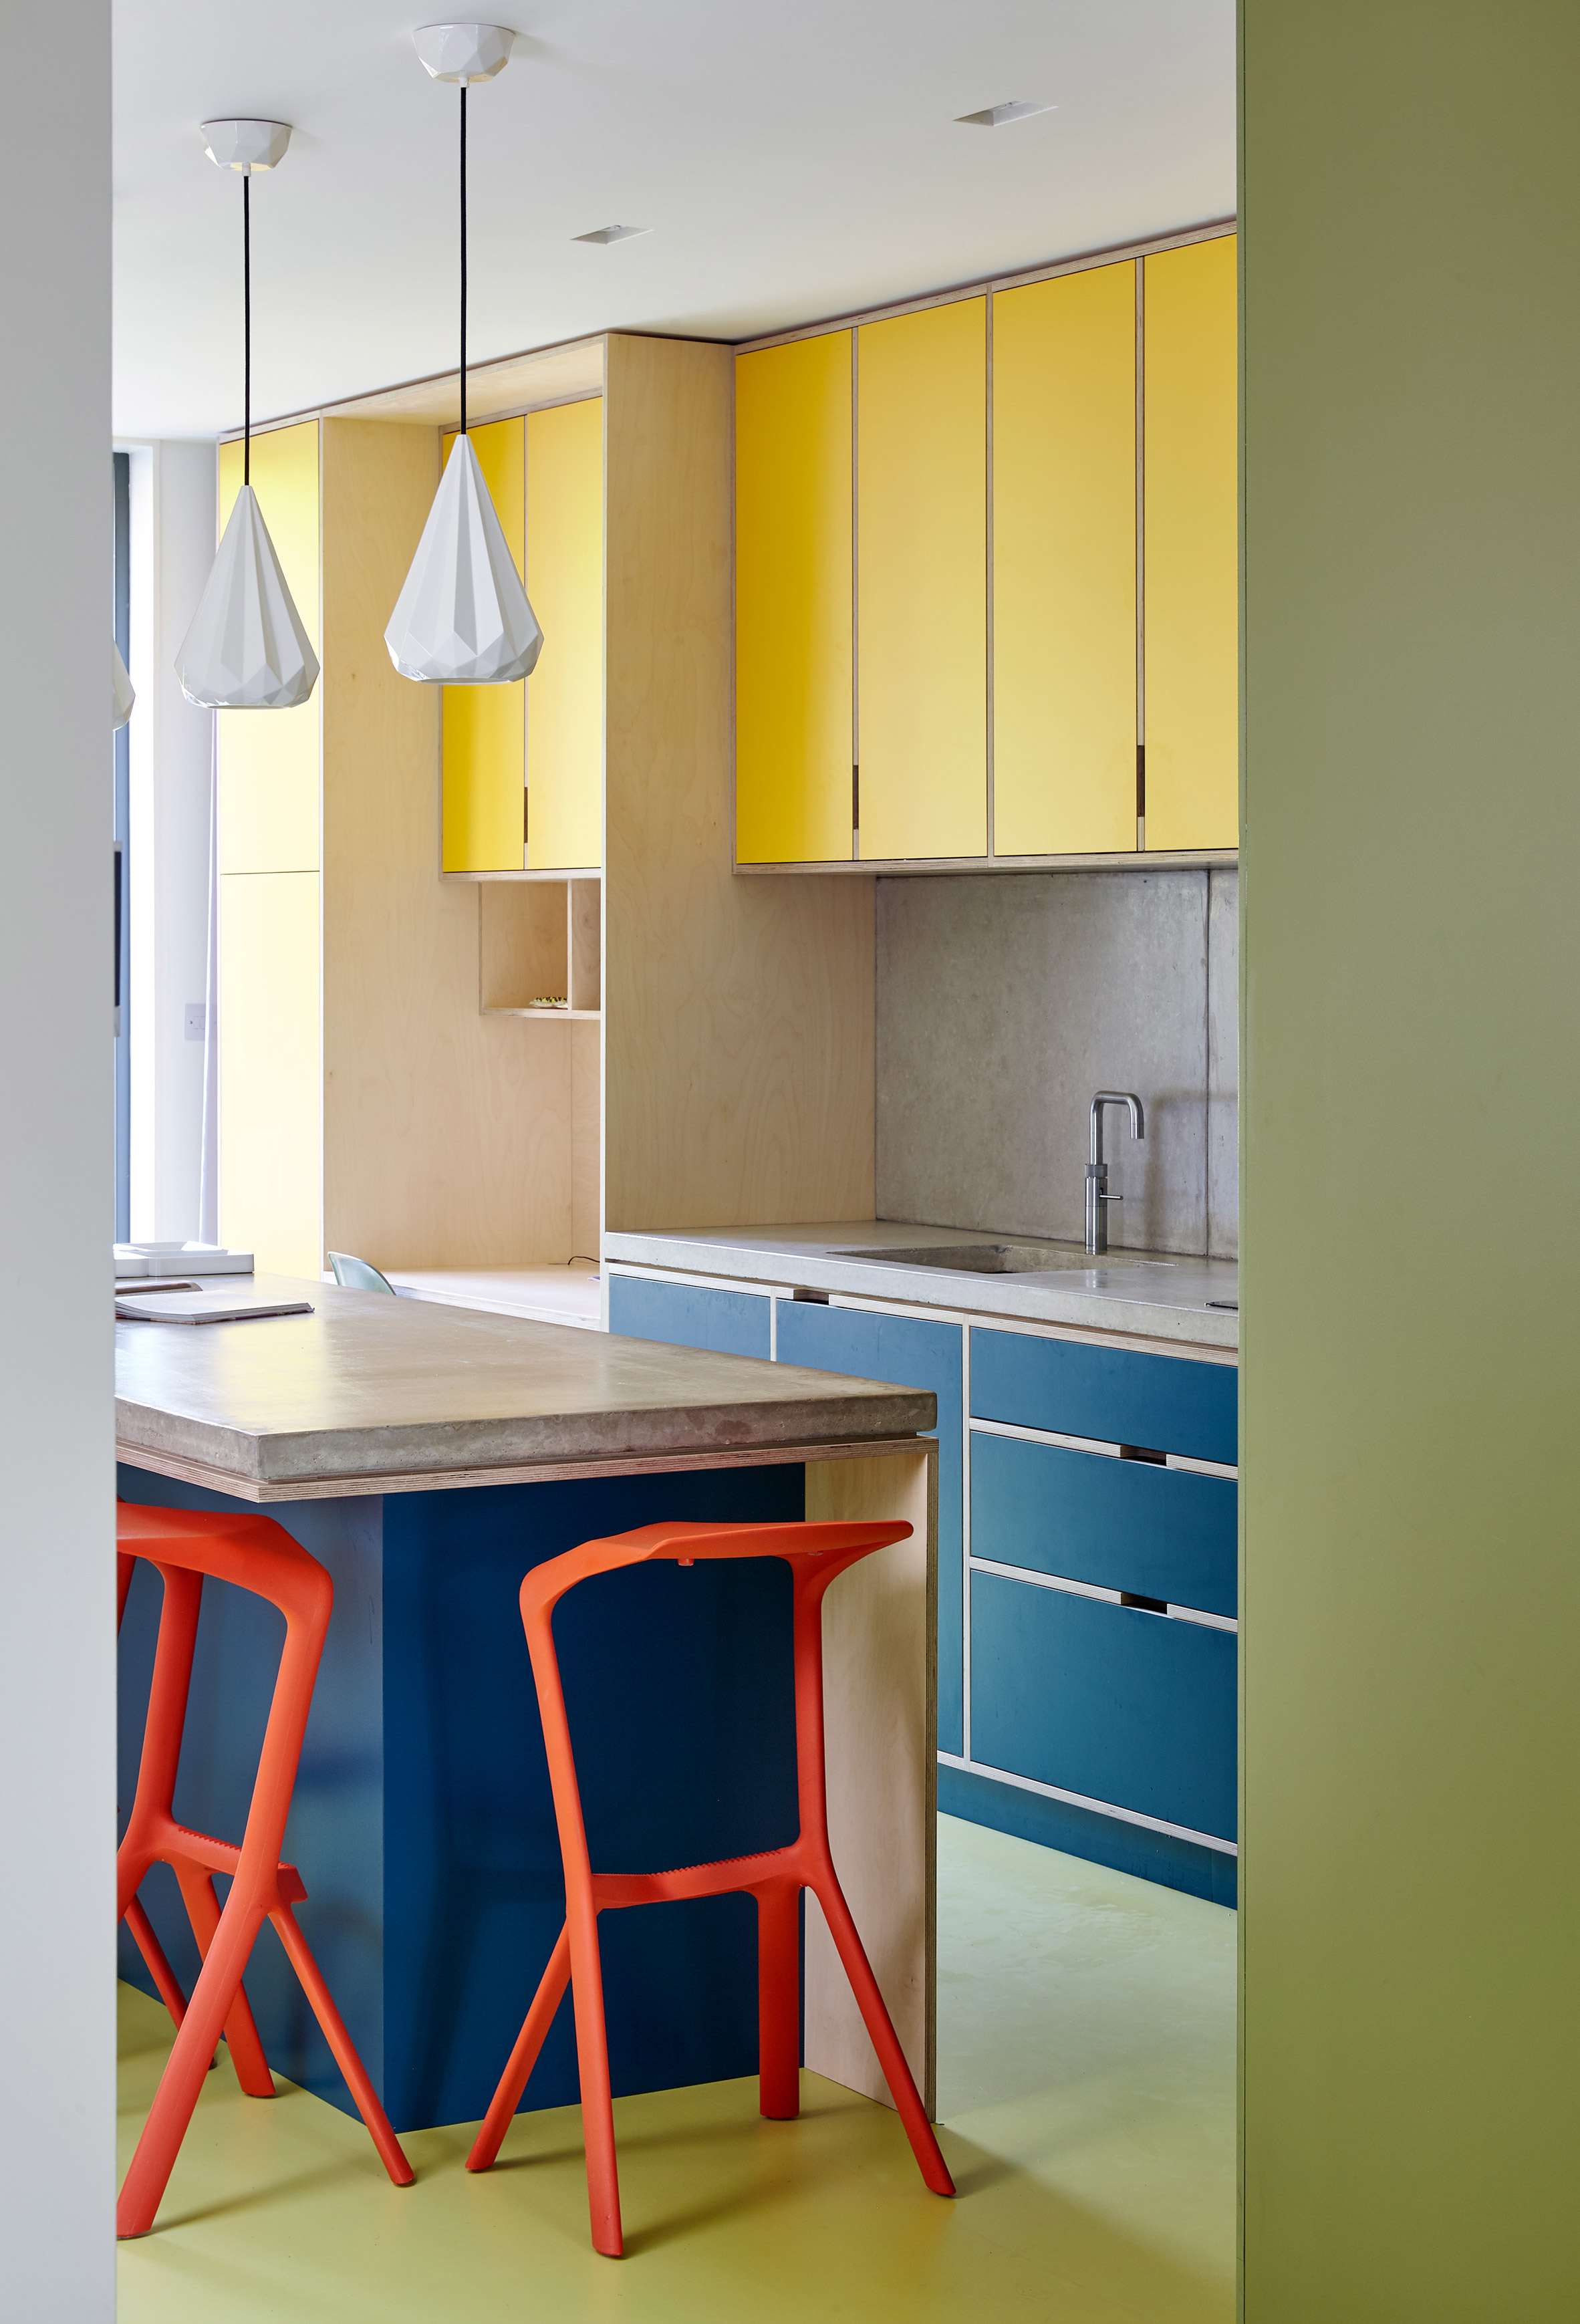 Uma cozinha em cores primárias: azul, vermelho e amarelo sempre combinam muito bem juntos